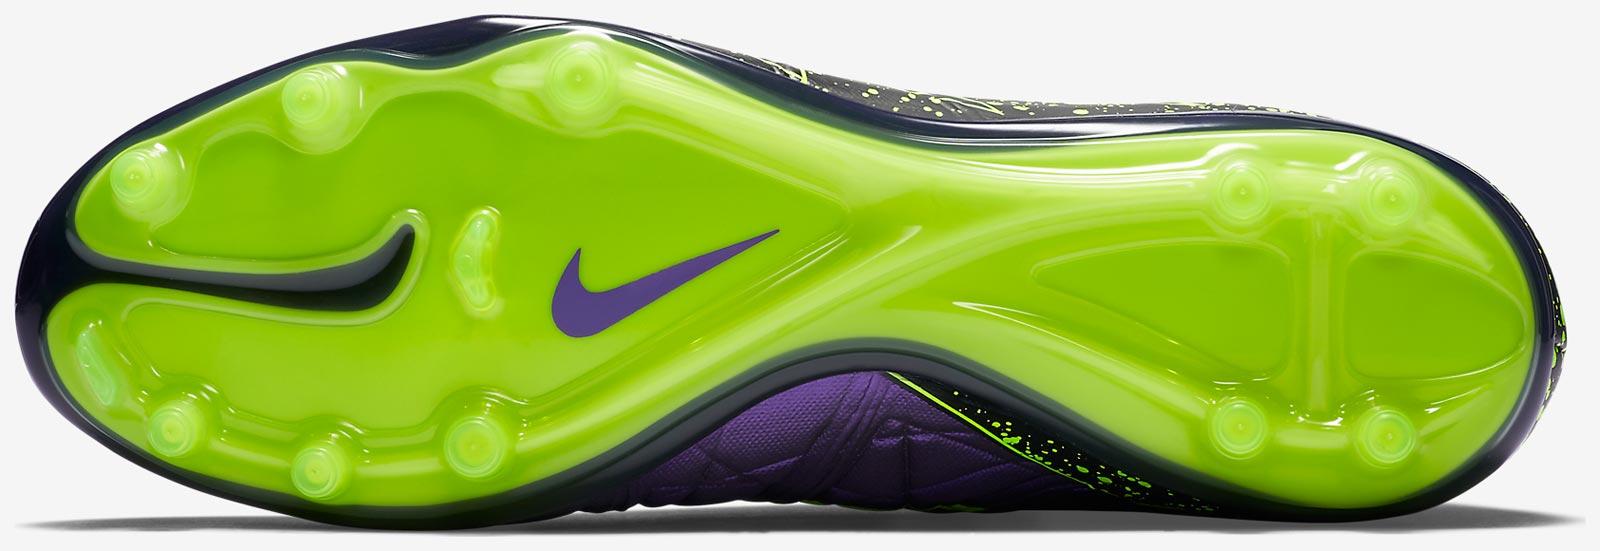 Neymars Schuhe